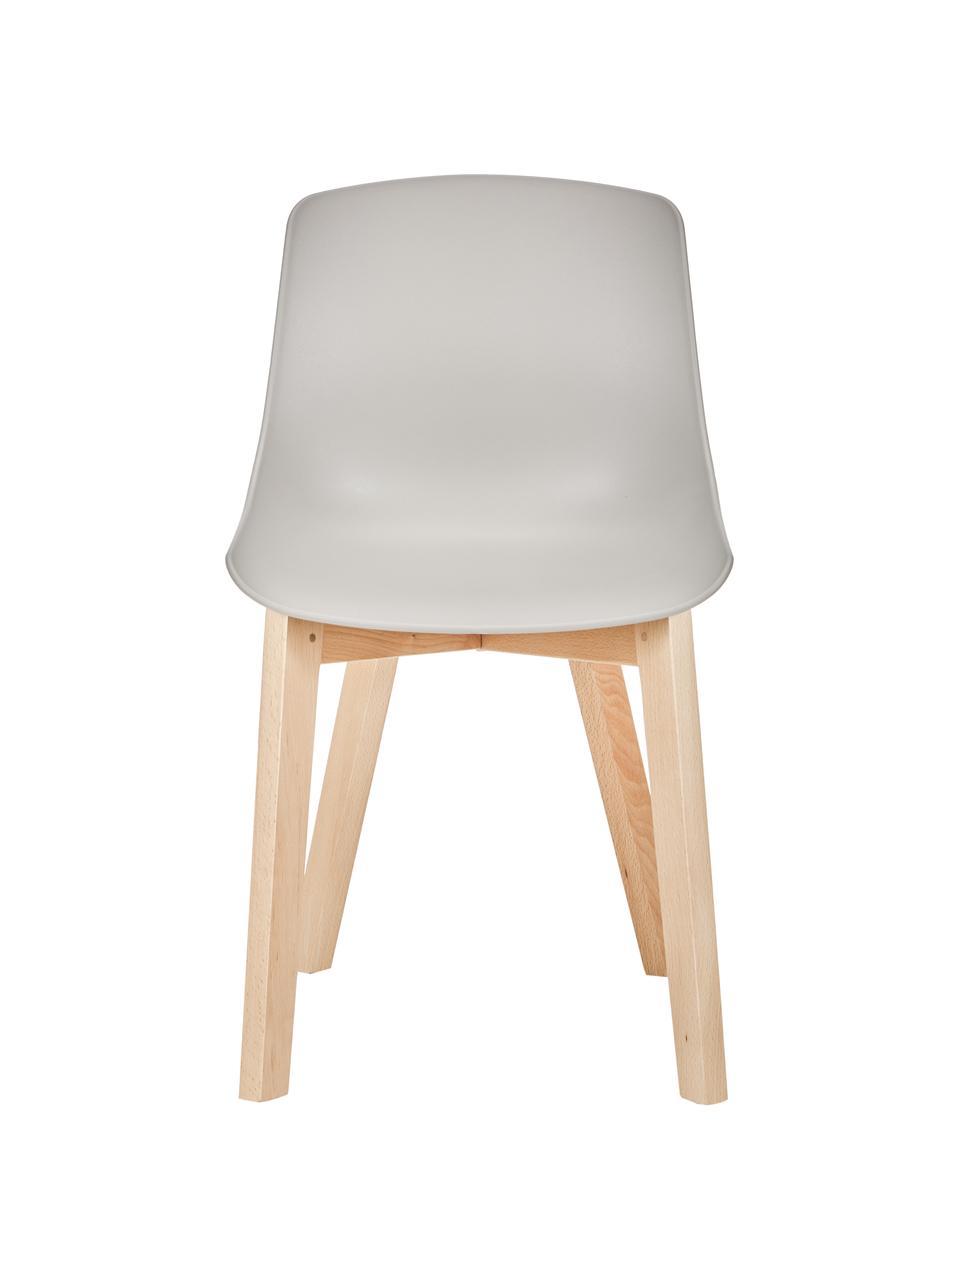 Krzesło z tworzywa sztucznego z drewnianymi nogami Dave, 2 szt., Nogi: drewno bukowe, Beżowoszary, S 46 x W 82 cm